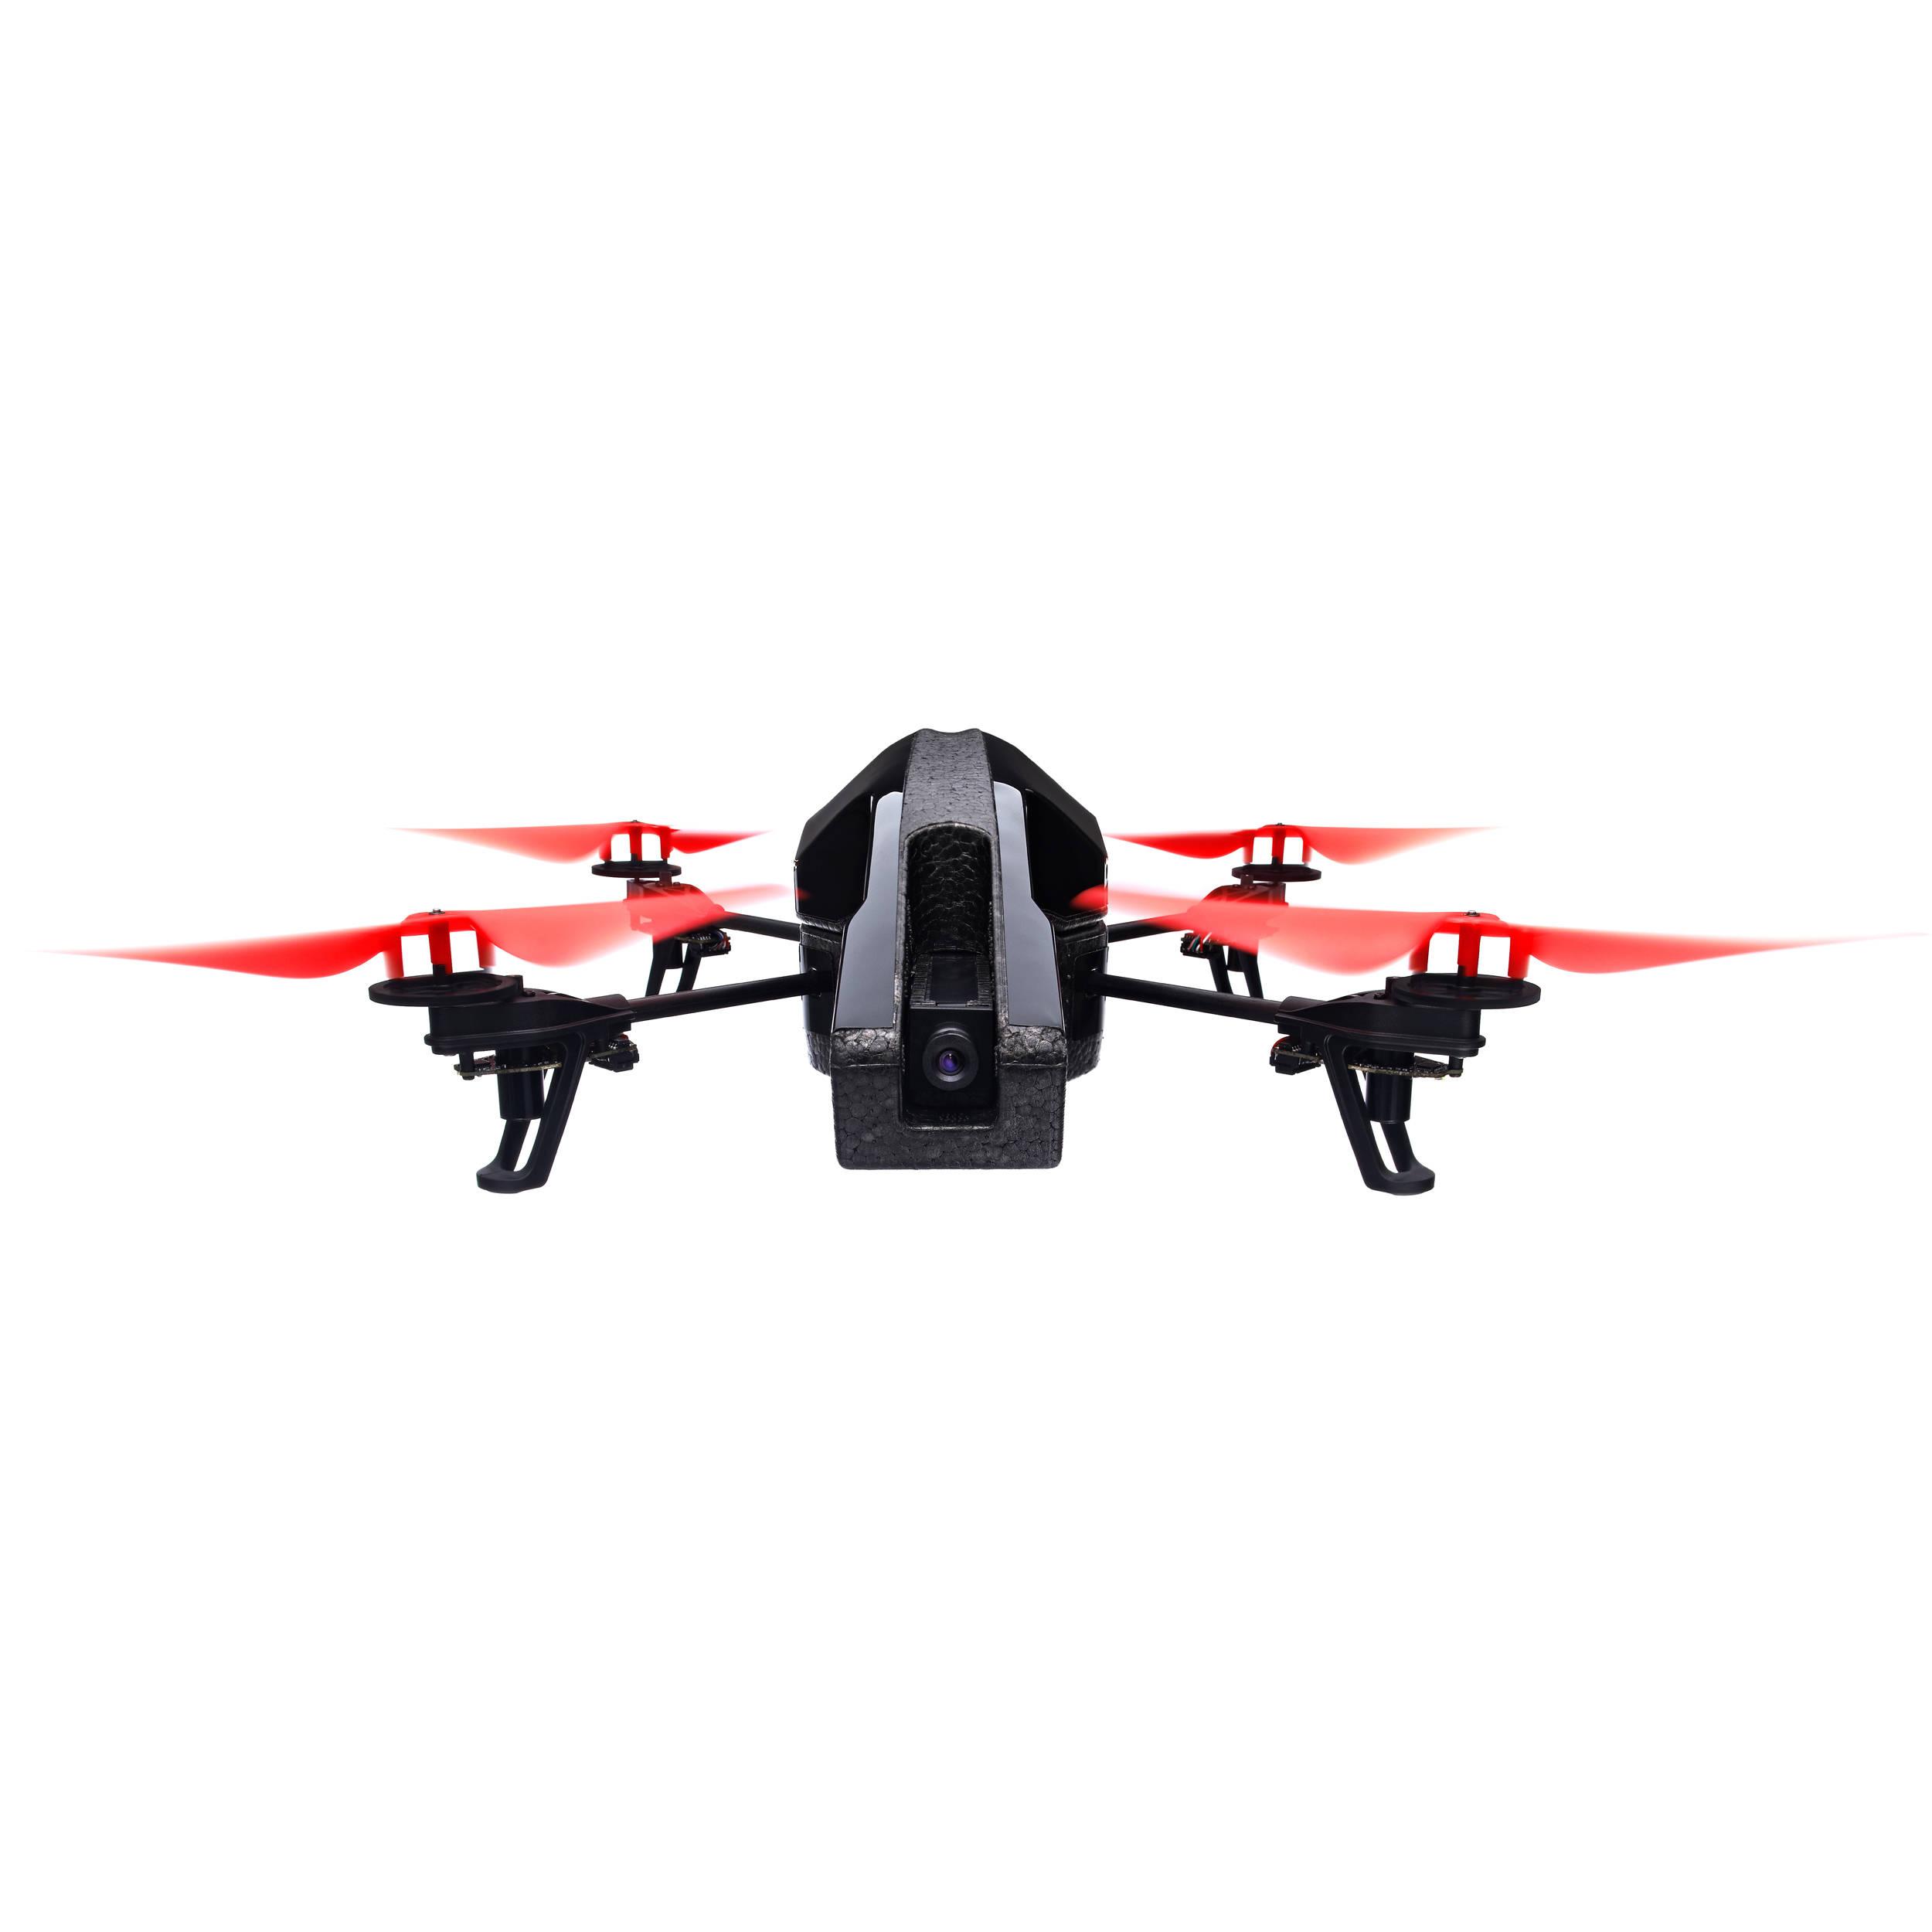 Parrot AR.Drone 2.0 Quadcopter Power Edition (Red) PF721005 B&H on bird flight, helicopter flight, space flight, crow flight, design future of flight, cargo flight, soul flight, hawk flight, dream flight, f-4 phantom of the last flight, missile flight, star flight,